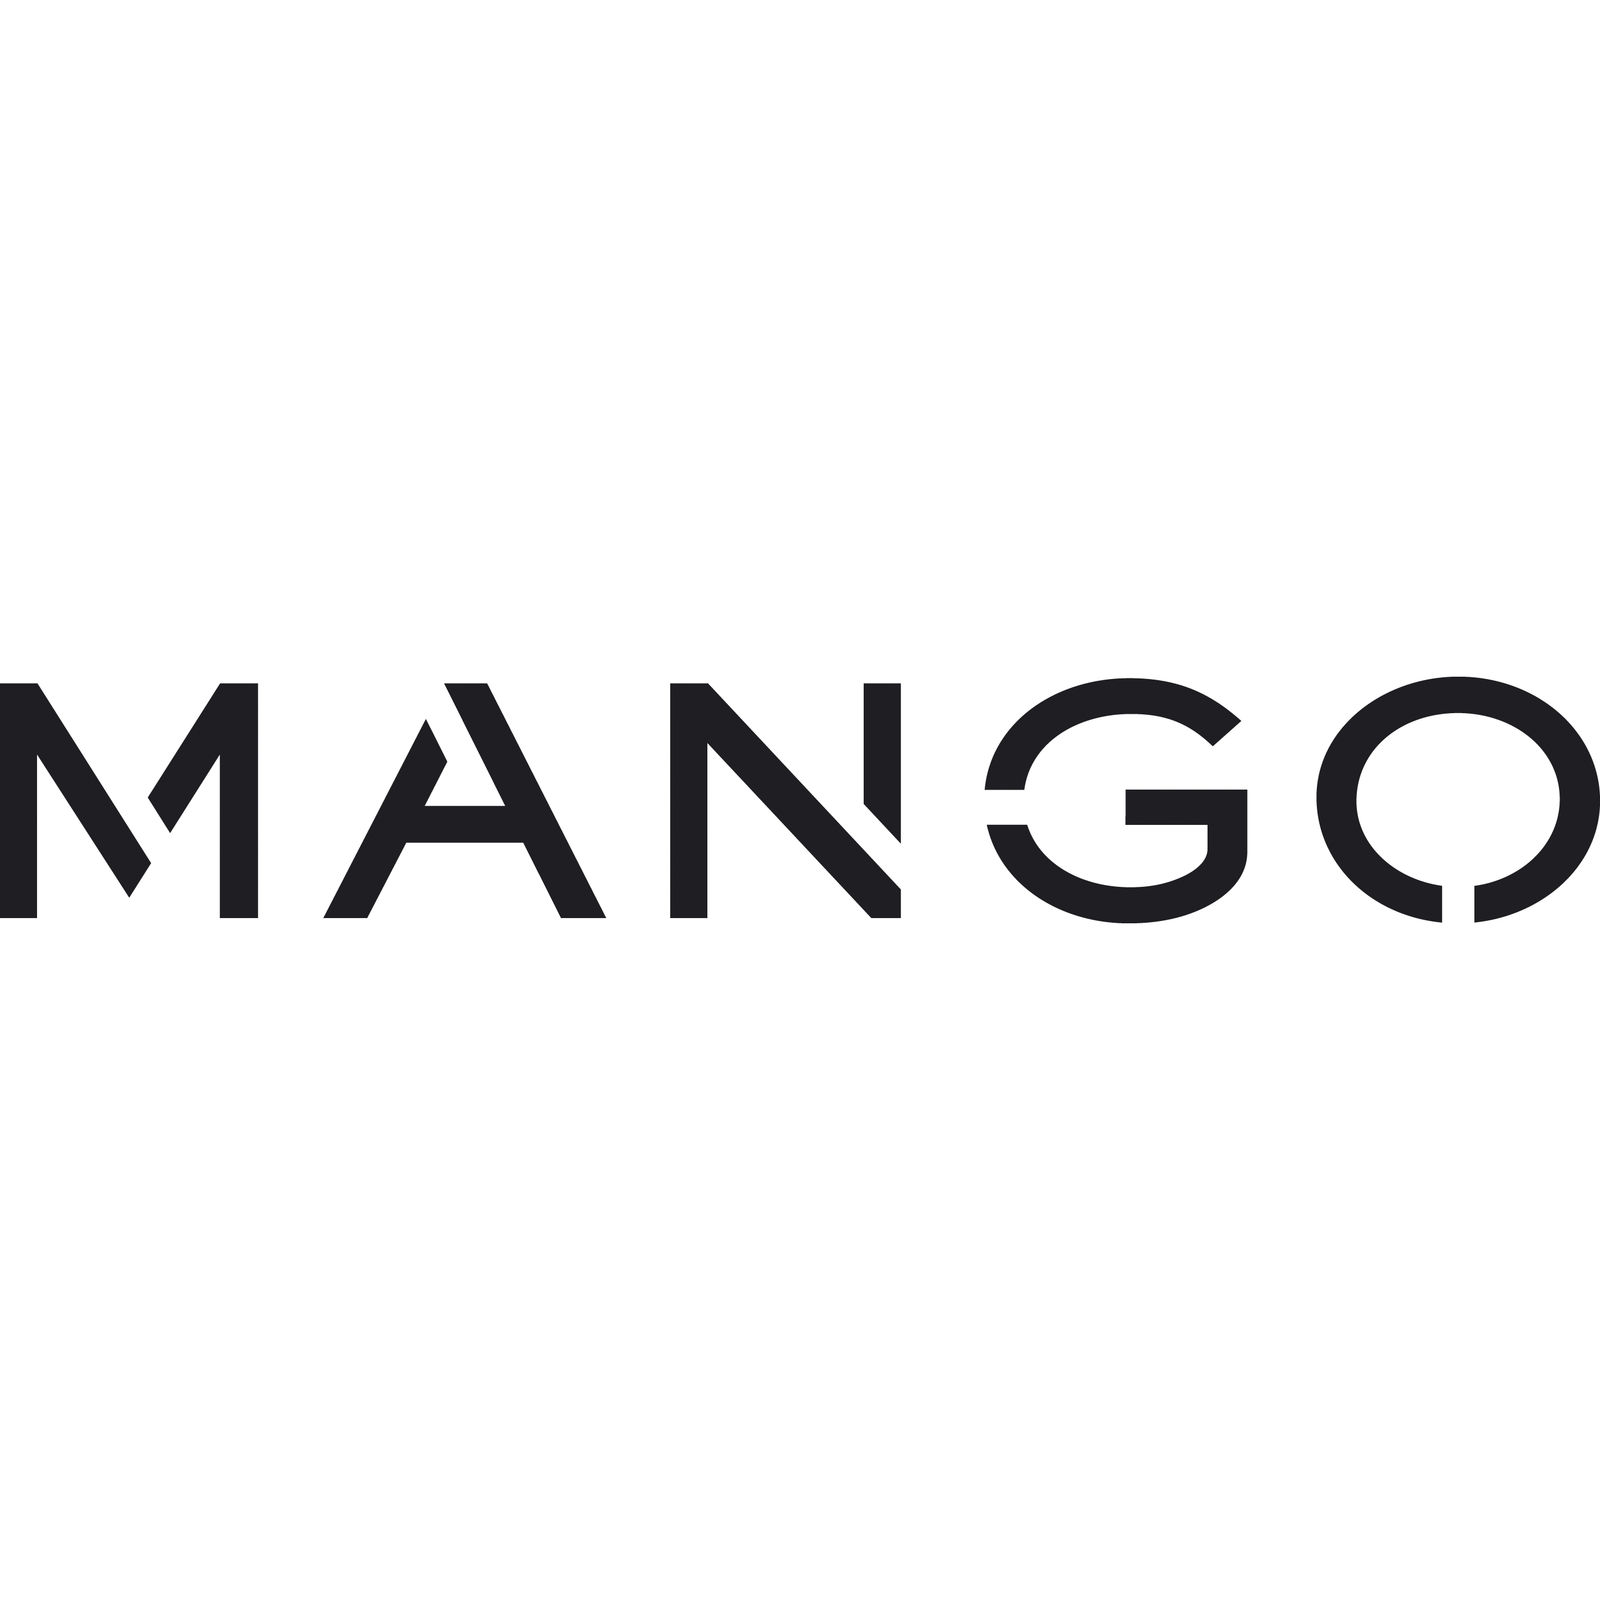 MANGO (Image 1)